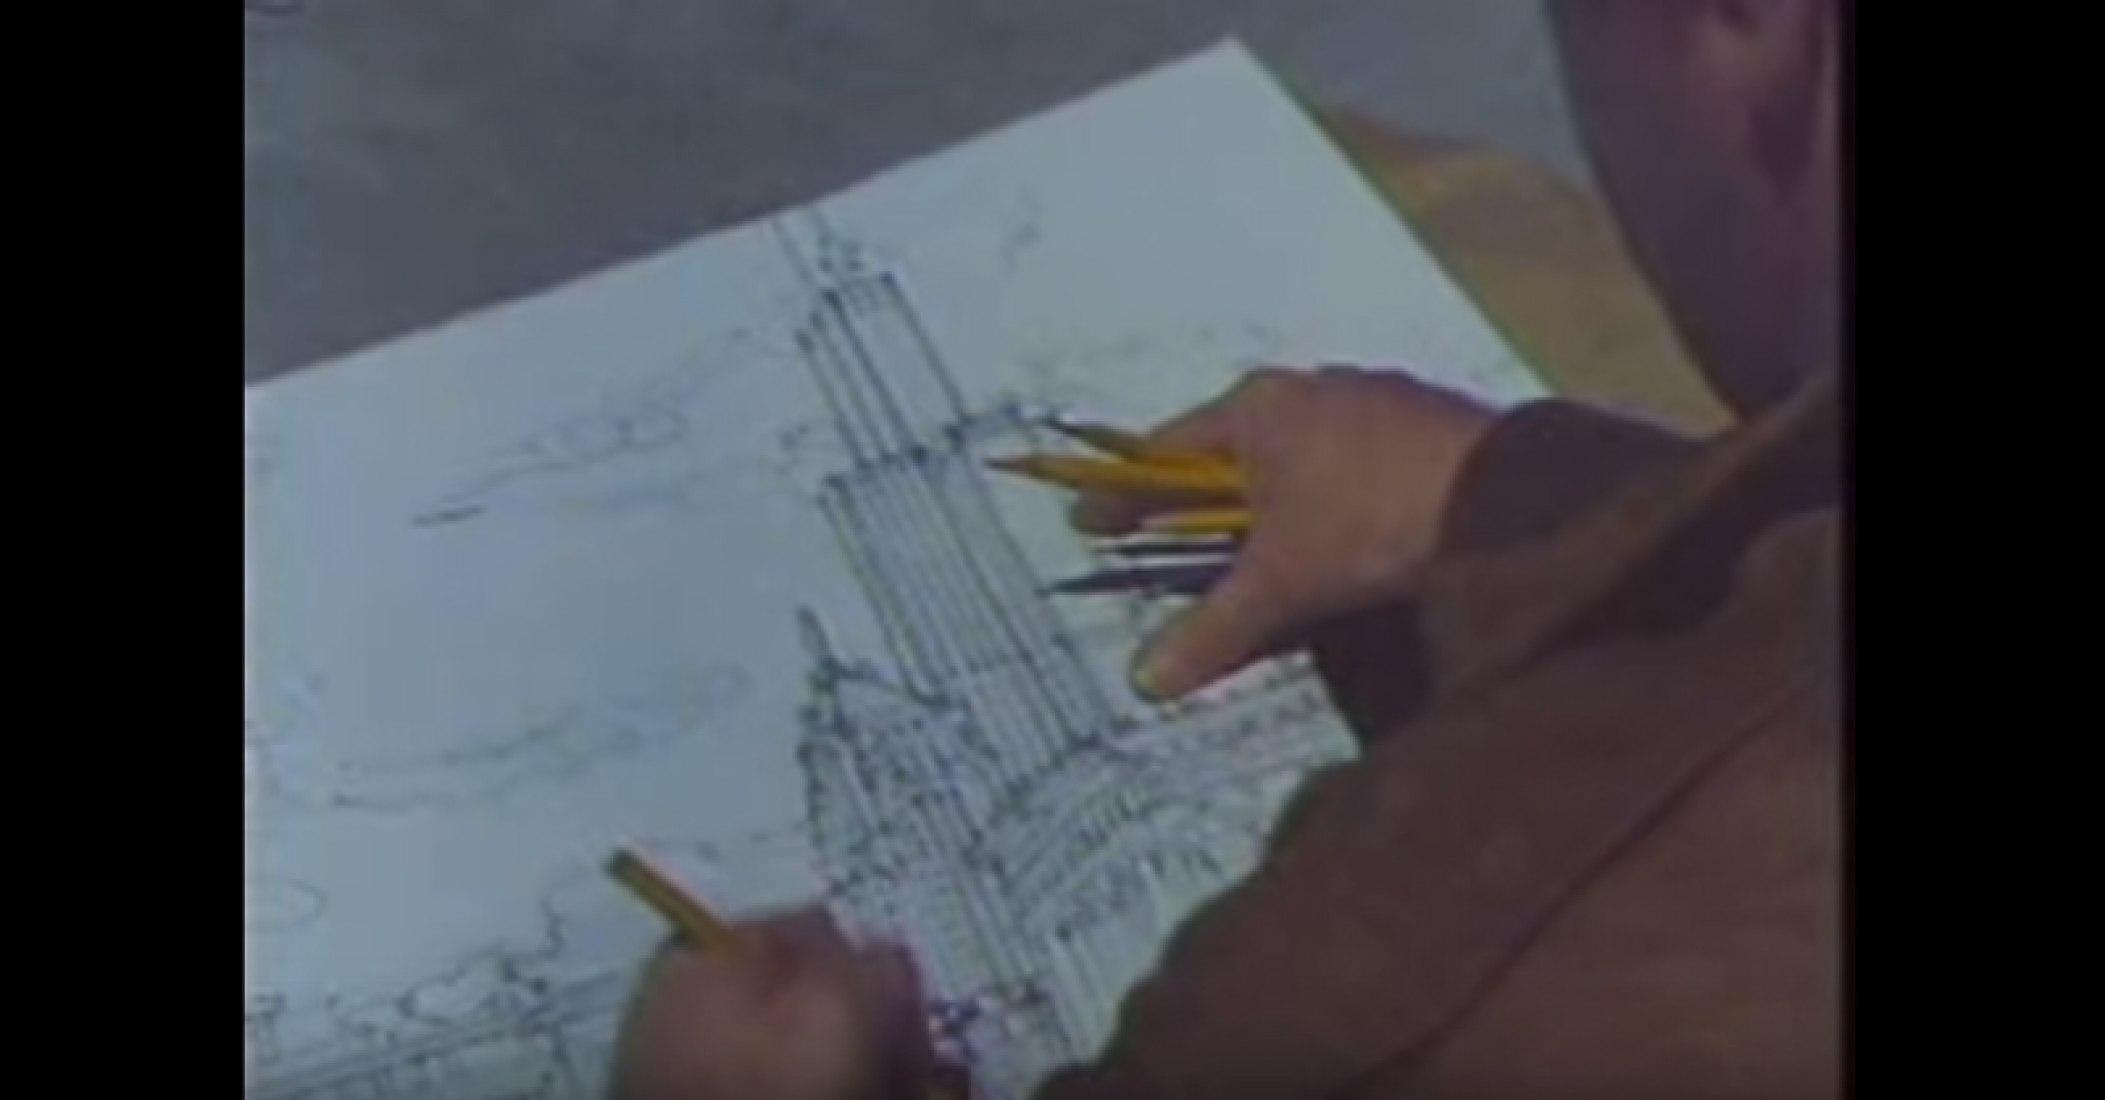 Corte de vídeo del documental 'Design Wars' sobre el concurso para el diseño de la Harold Washington Library.